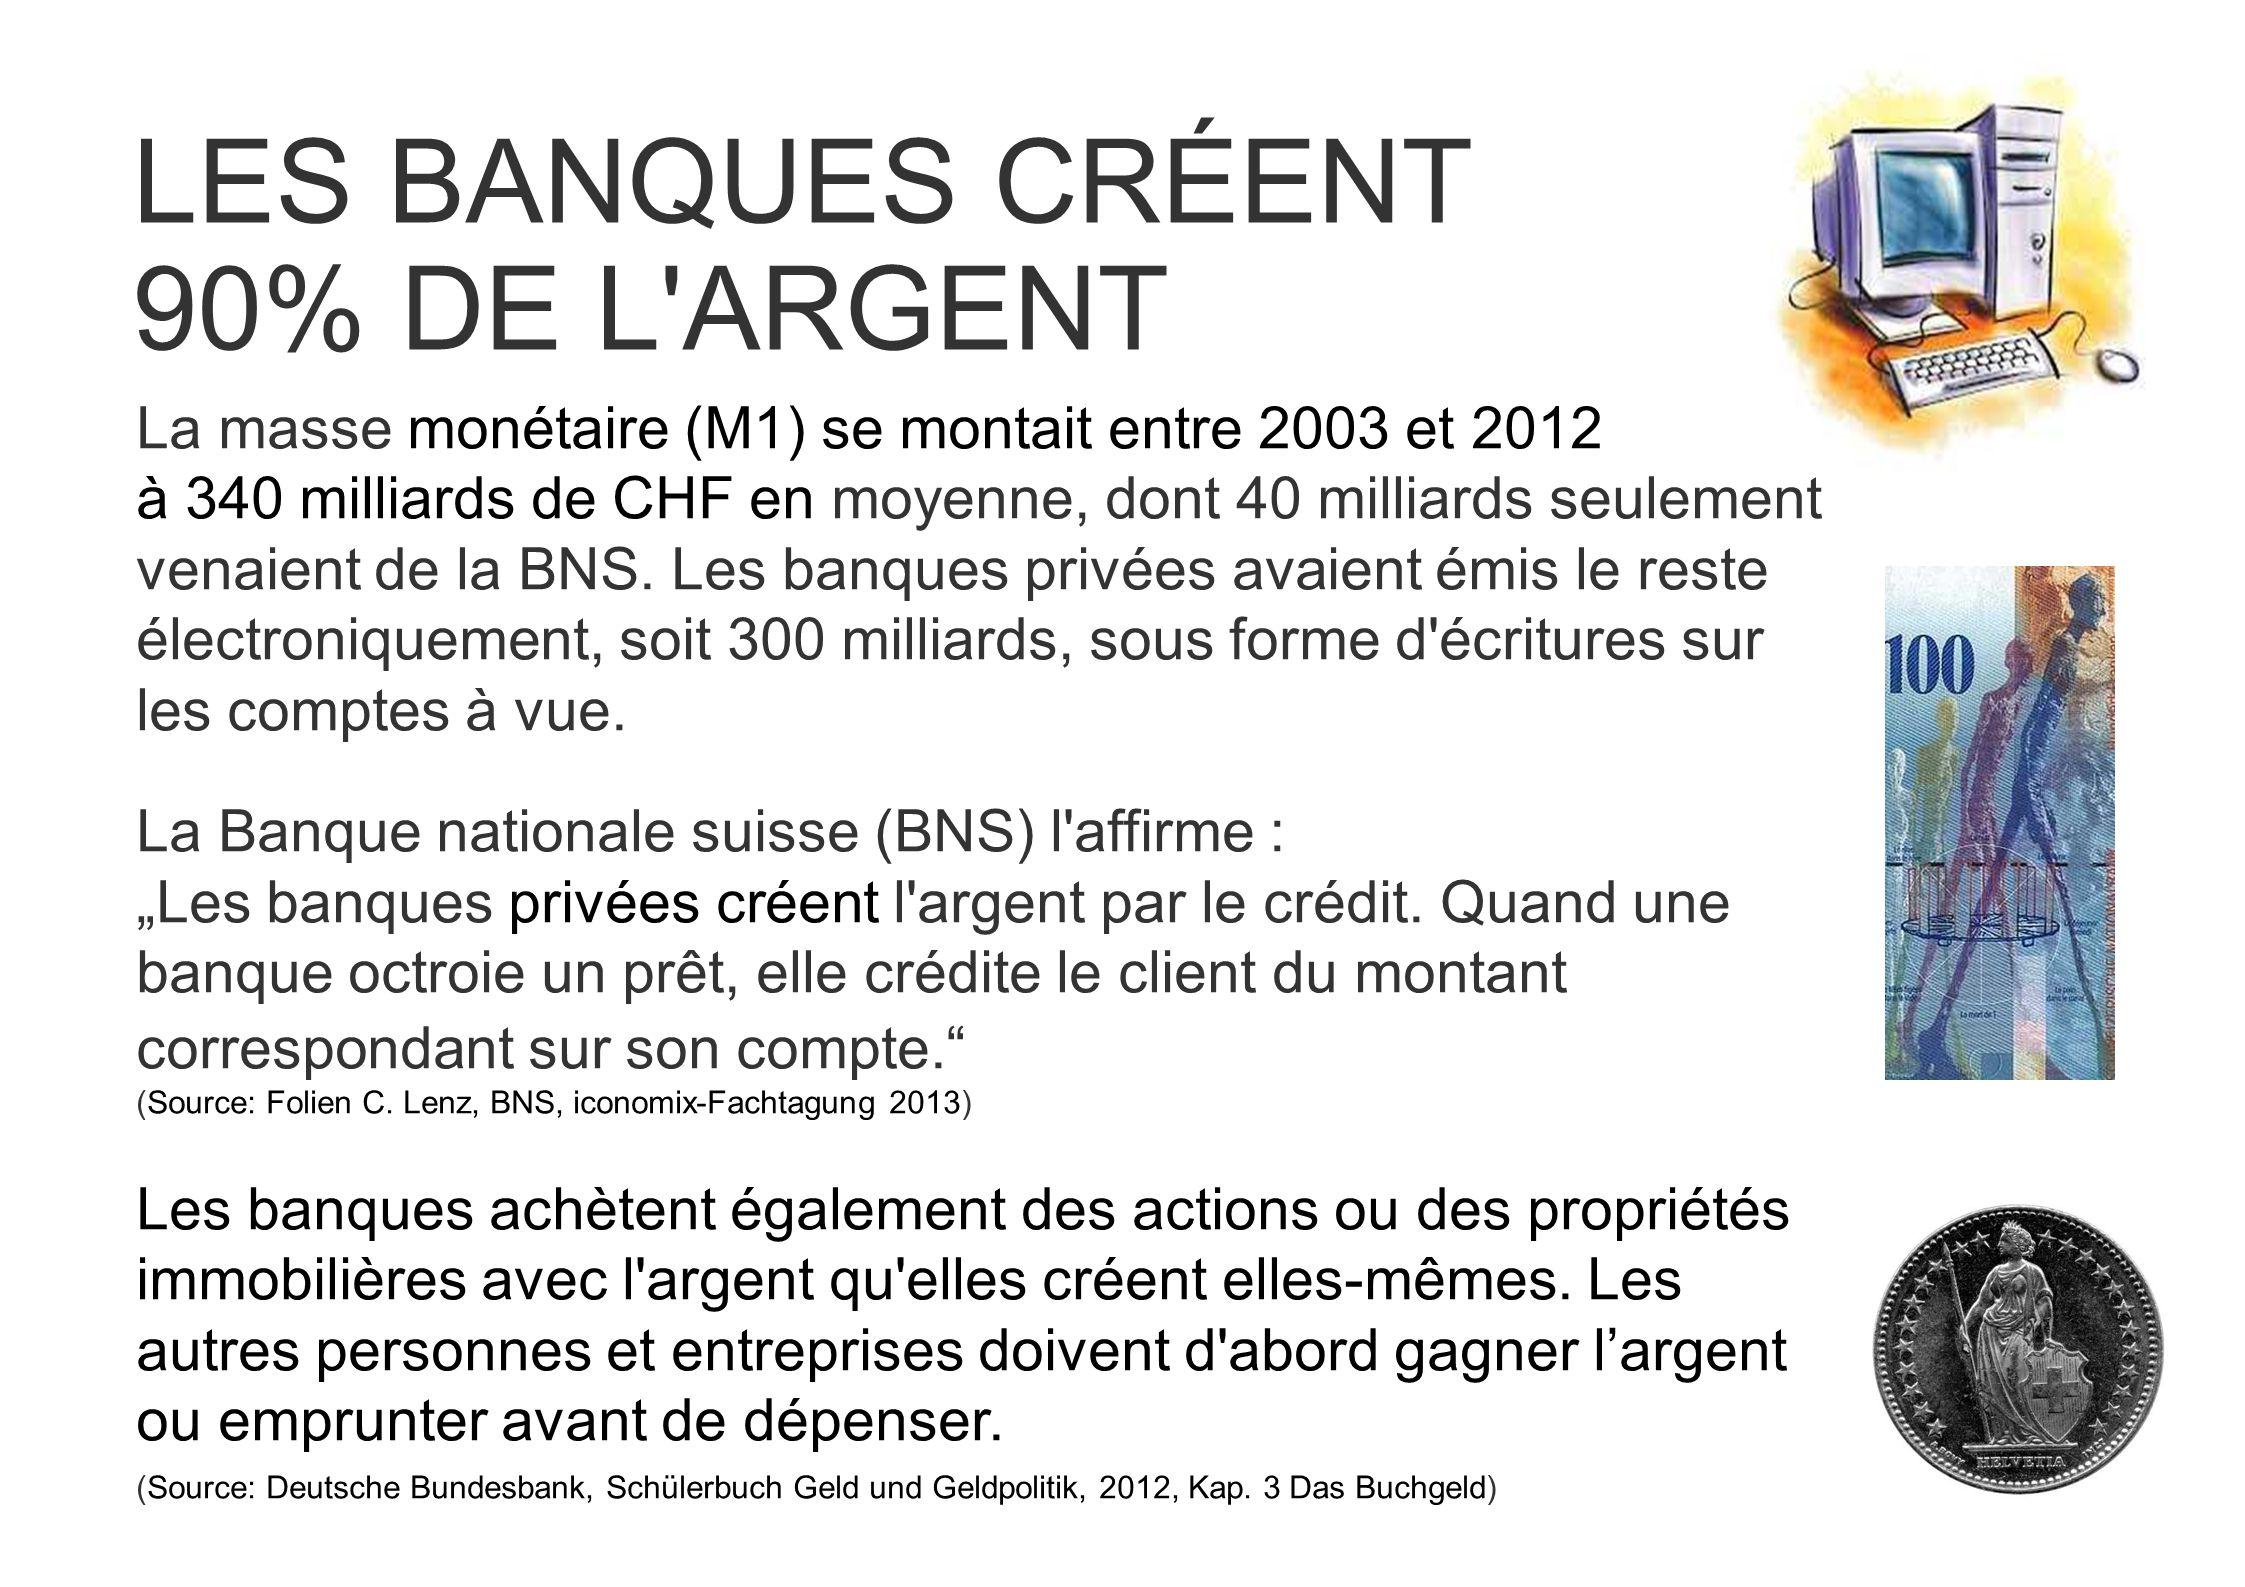 LES BANQUES CRÉENT 90% DE L ARGENT